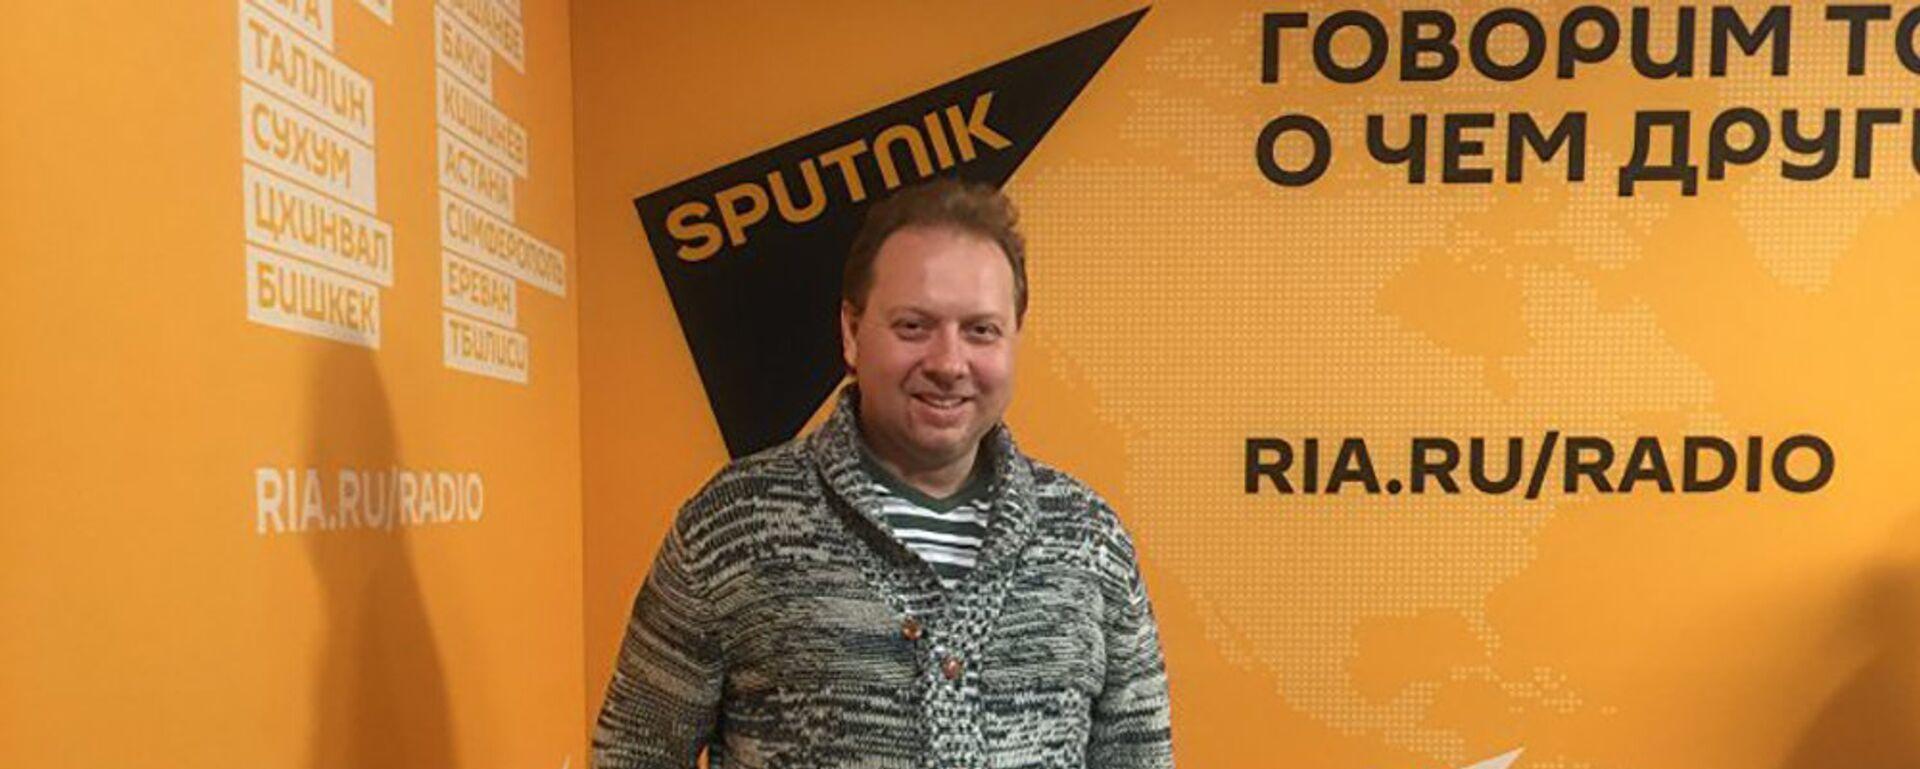 Матвейчев Олег - Sputnik Латвия, 1920, 03.07.2020